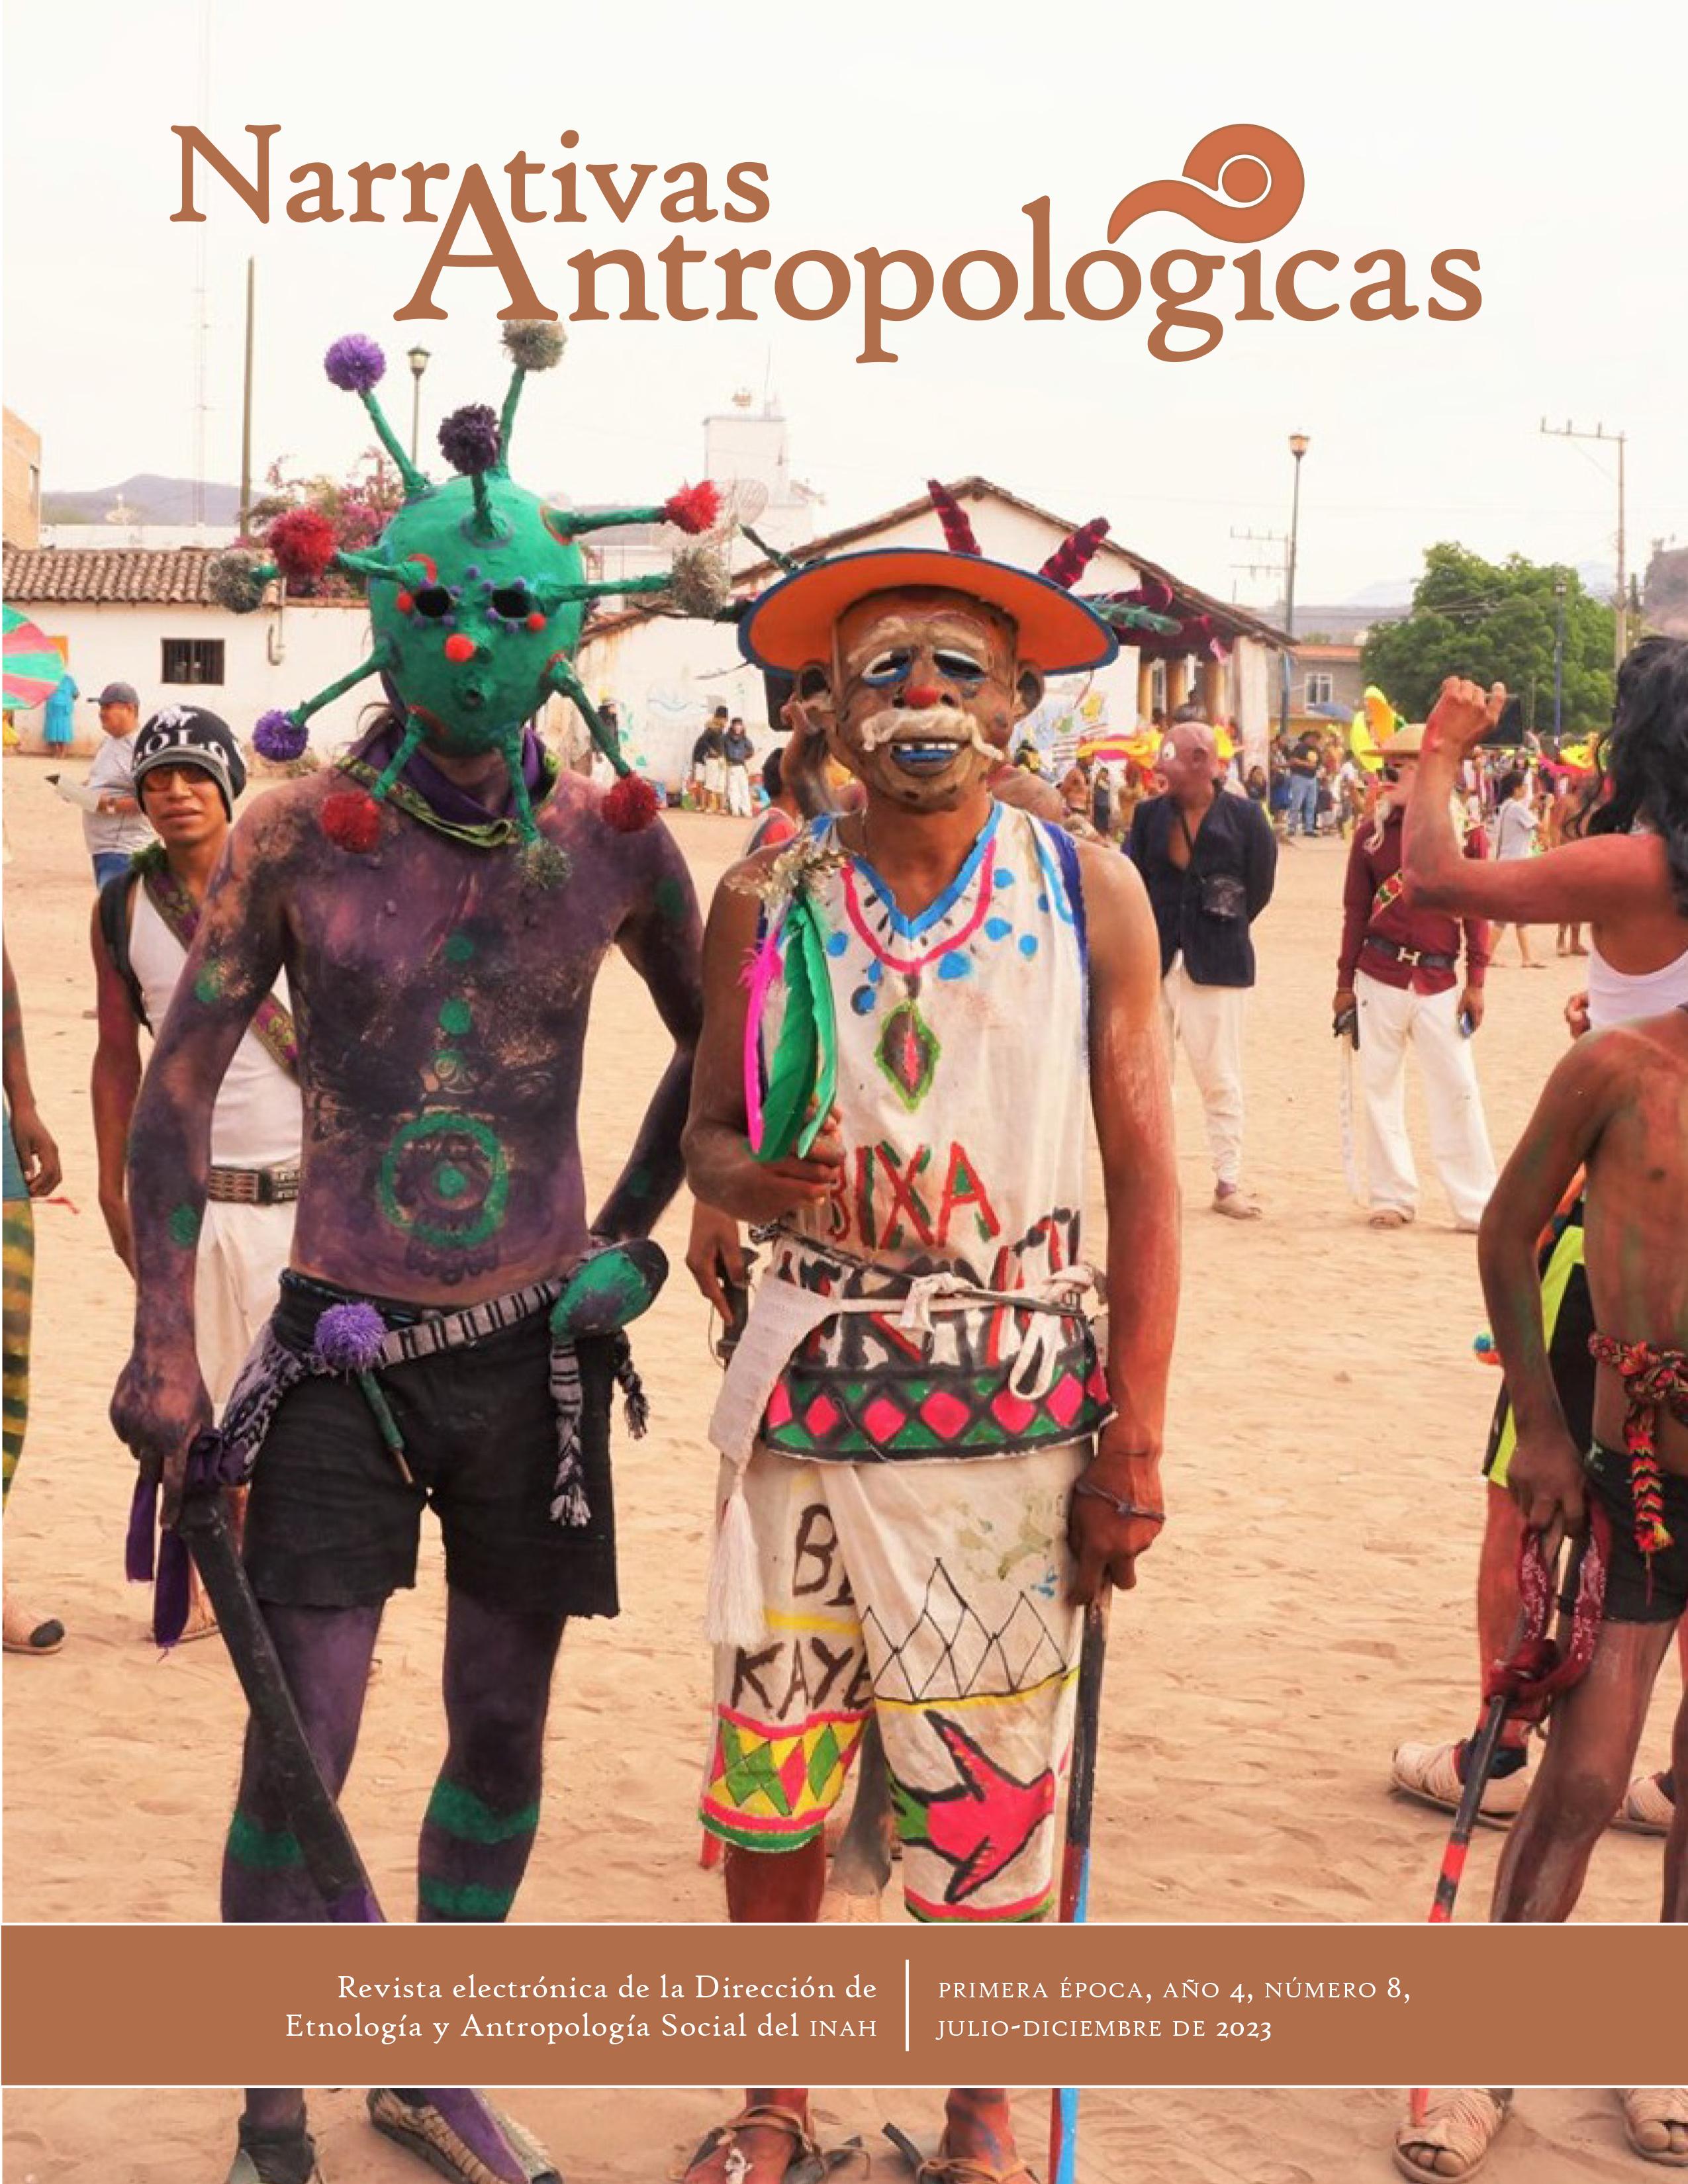 Narrativas Antropológicas